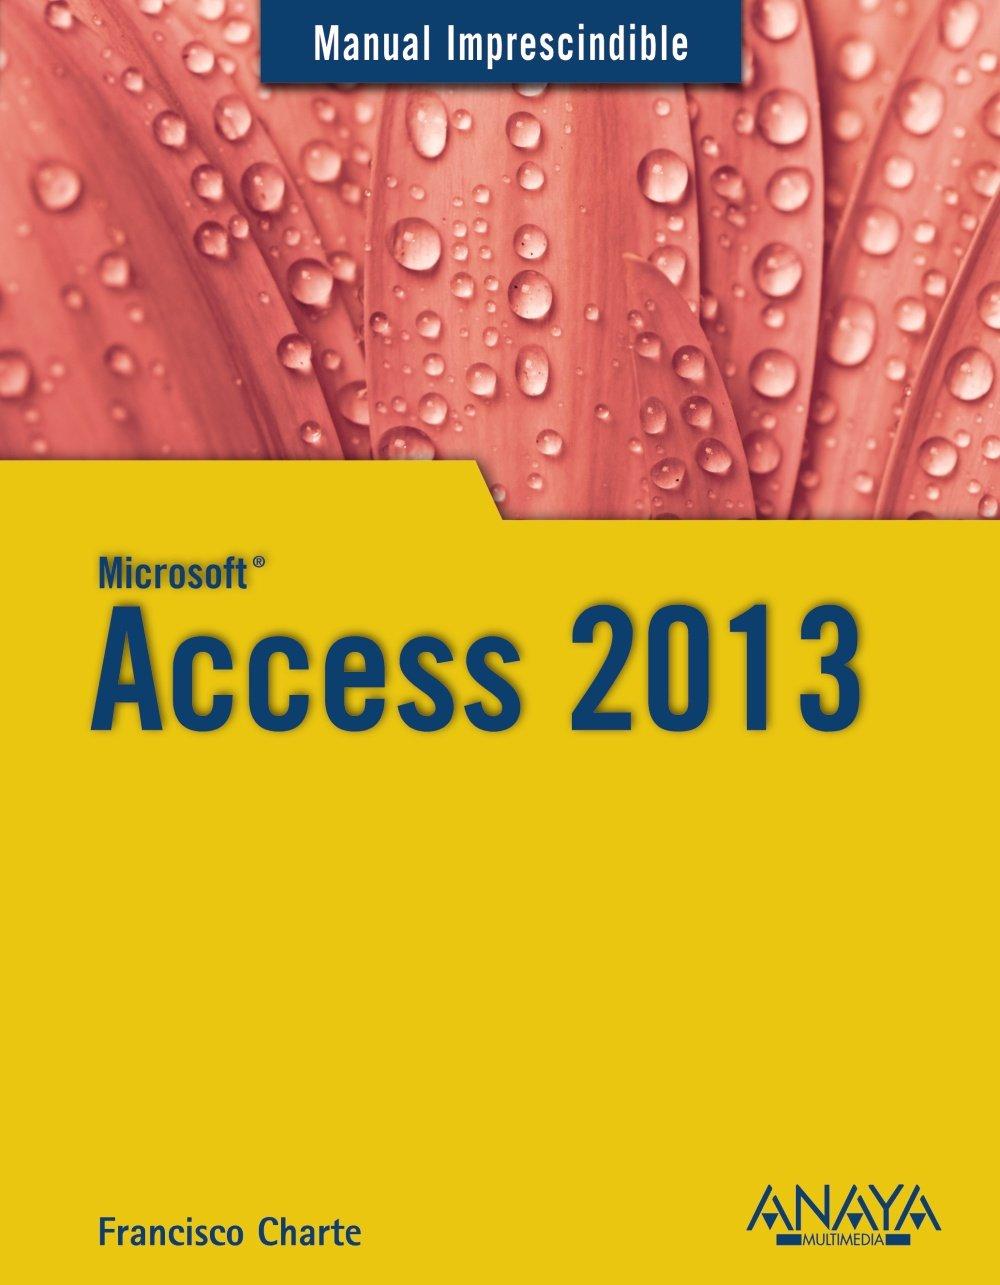 Access 2013 (Manuales Imprescindibles) Tapa blanda – 22 oct 2013 Francisco Charte Anaya 8441534497 Computer Science